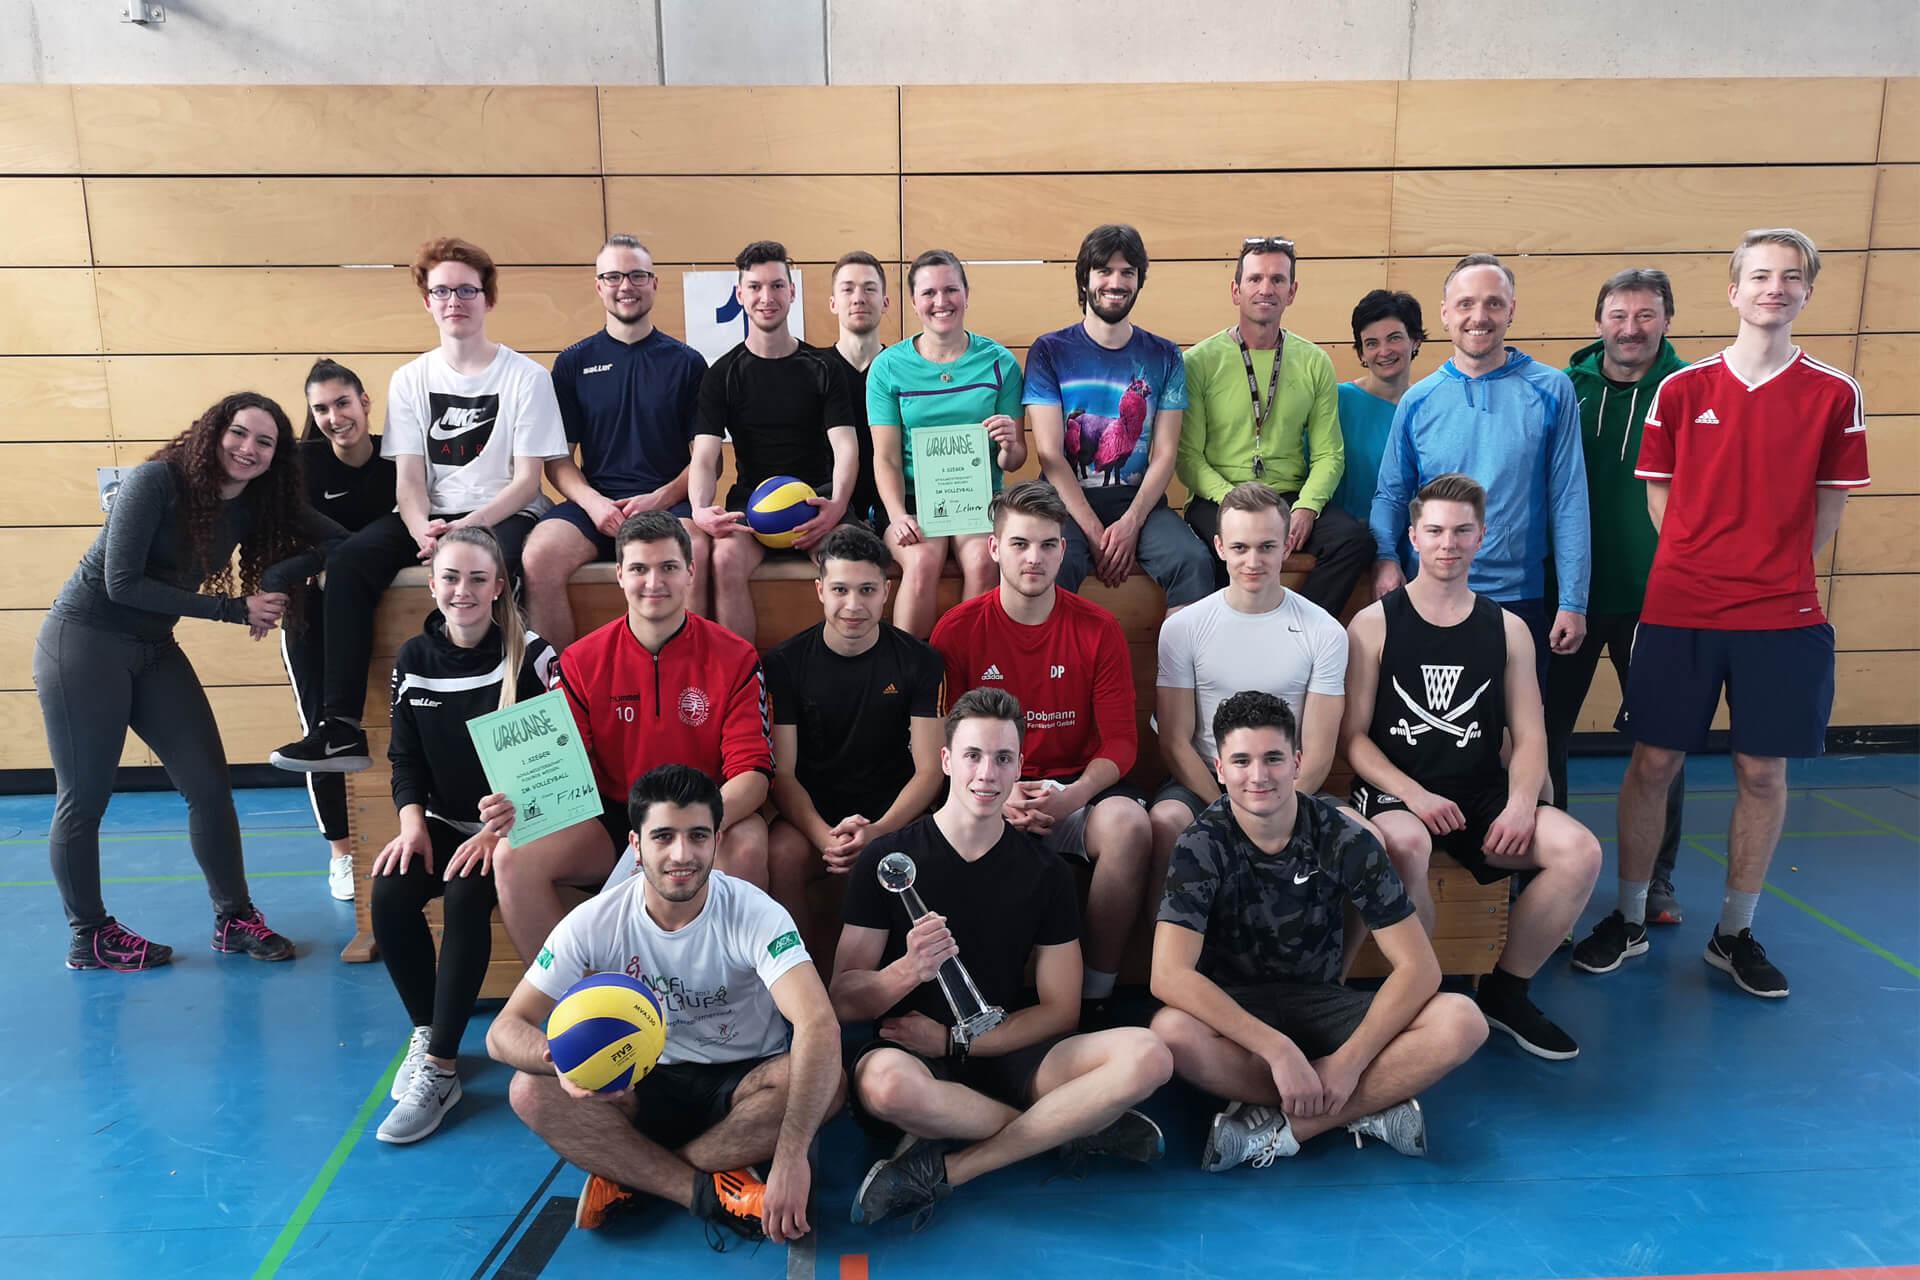 2019 02 20 Volleyballturnier Content Bild 4